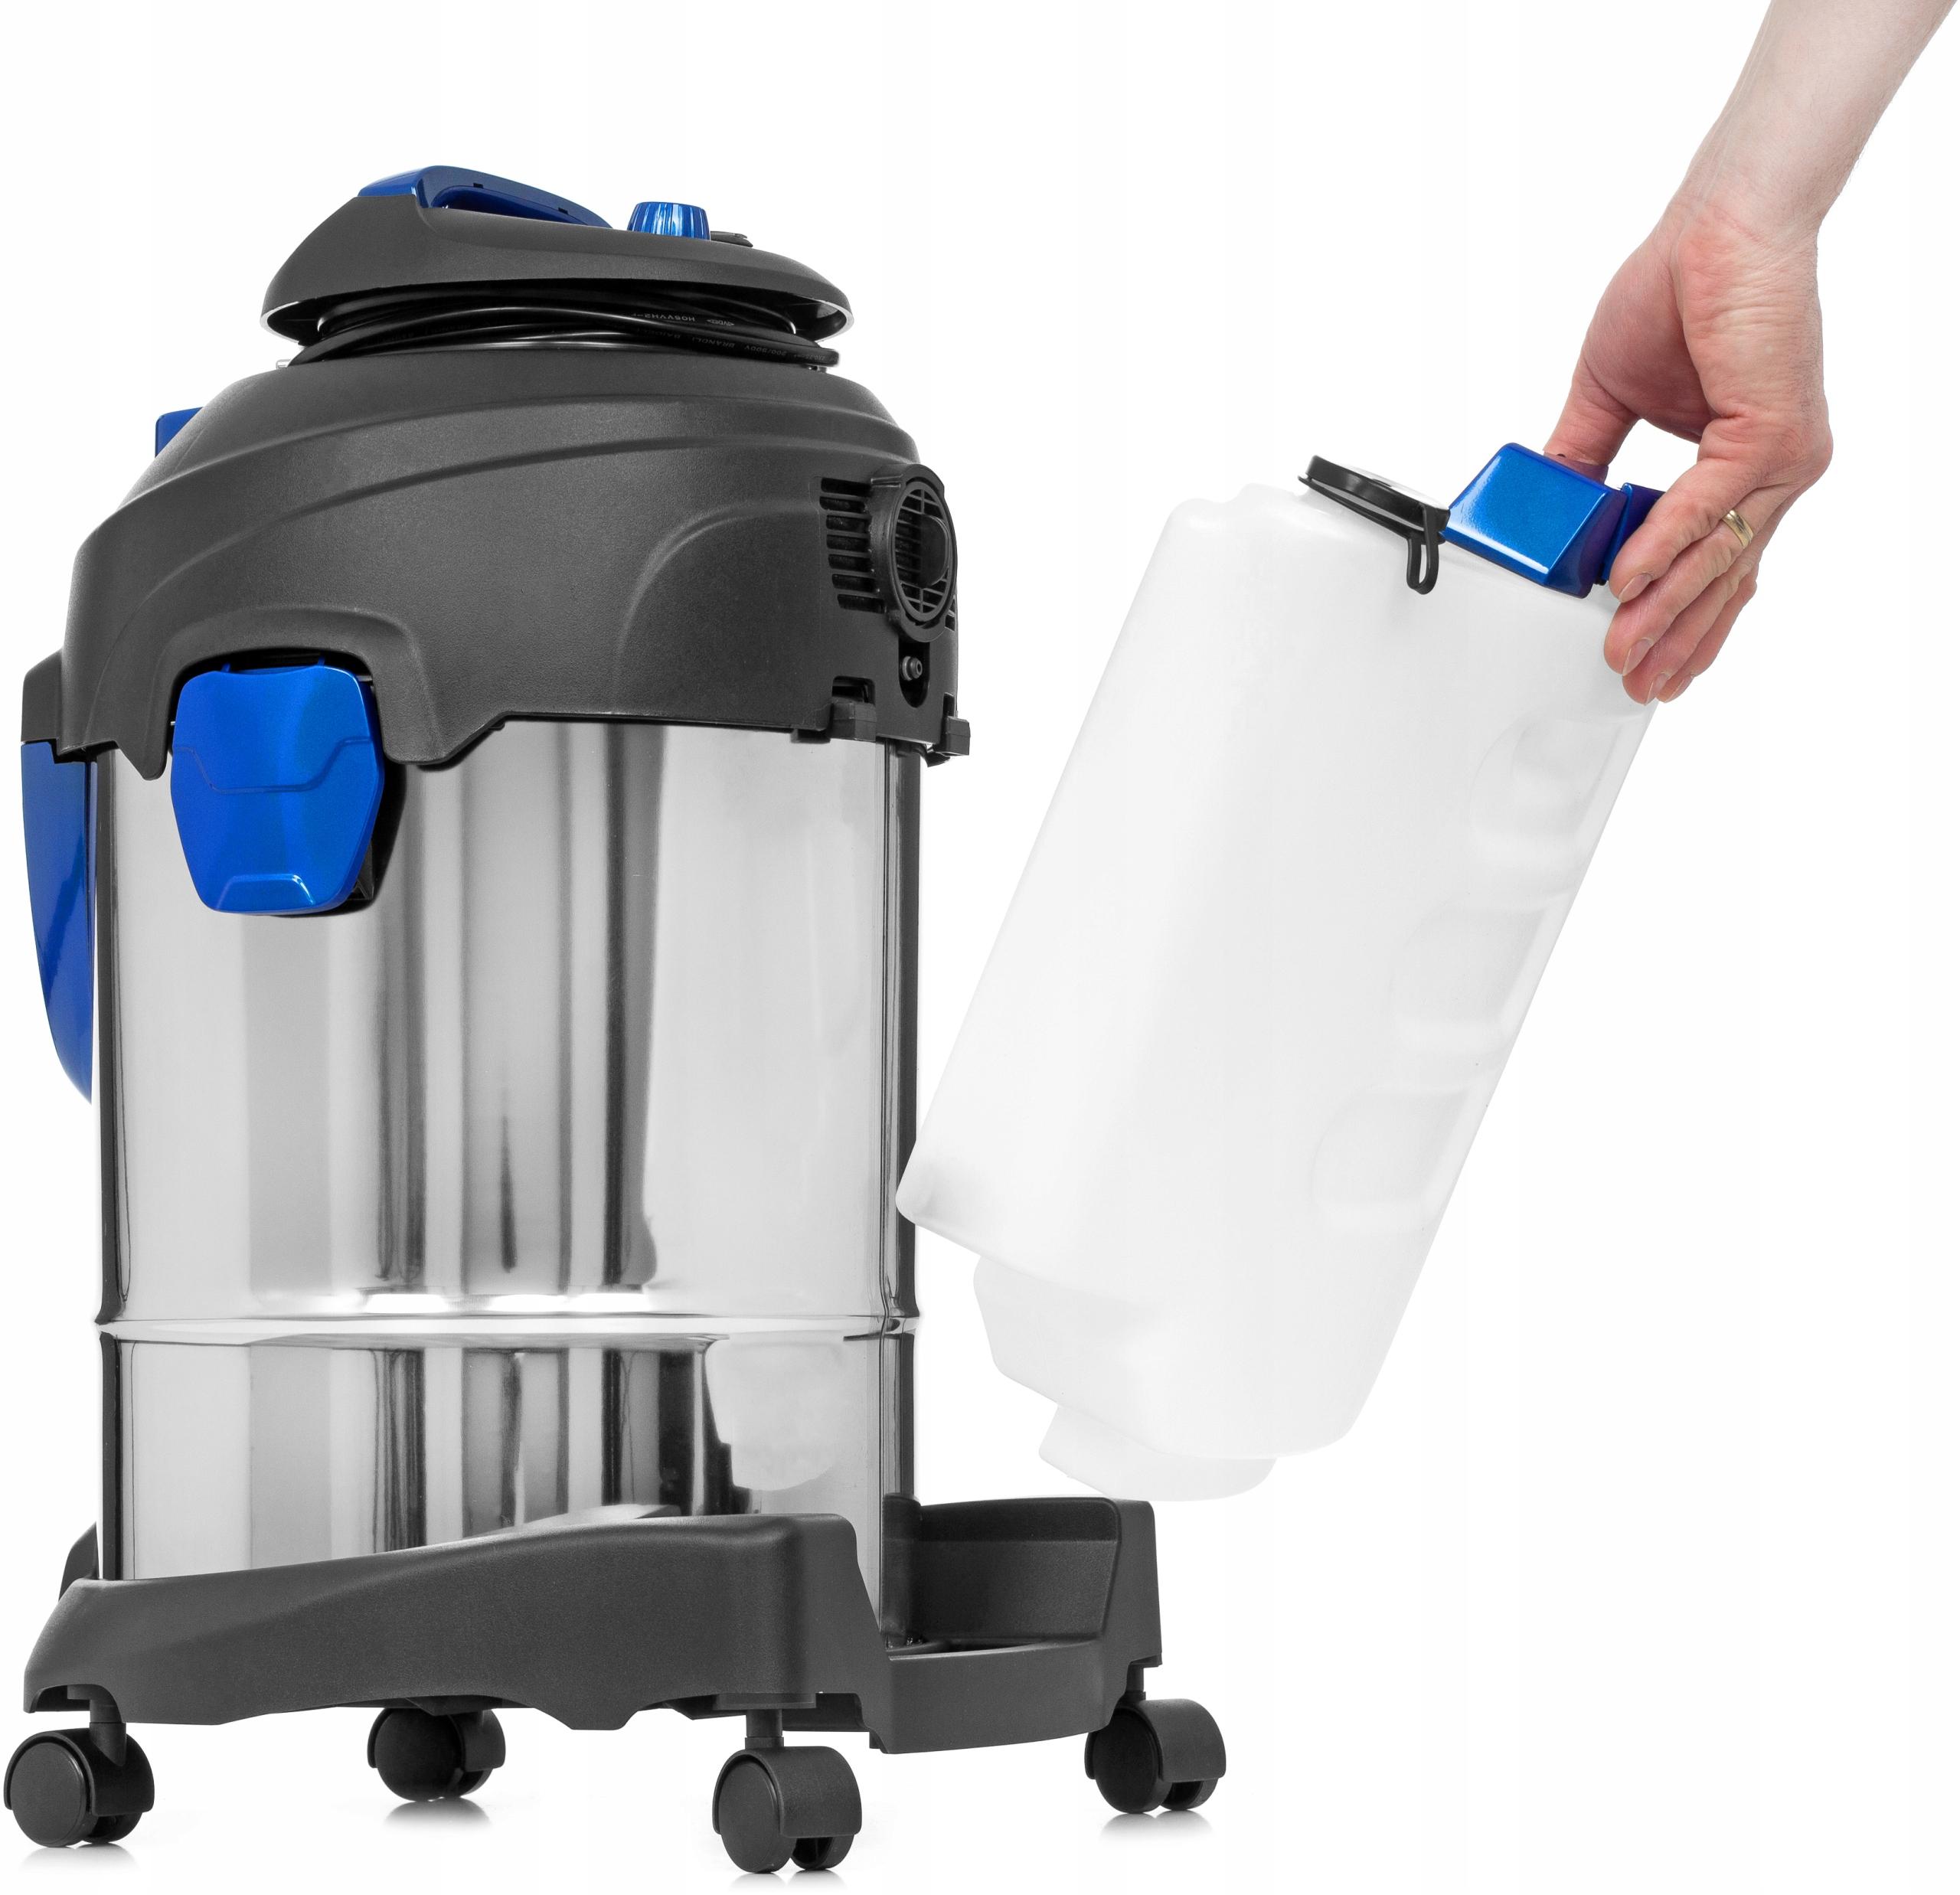 PROFESJONALNY ODKURZACZ PIORĄCY ZESTAW 10w1 GIGANT Pojemność zbiornika na czystą wodę 3.5 l